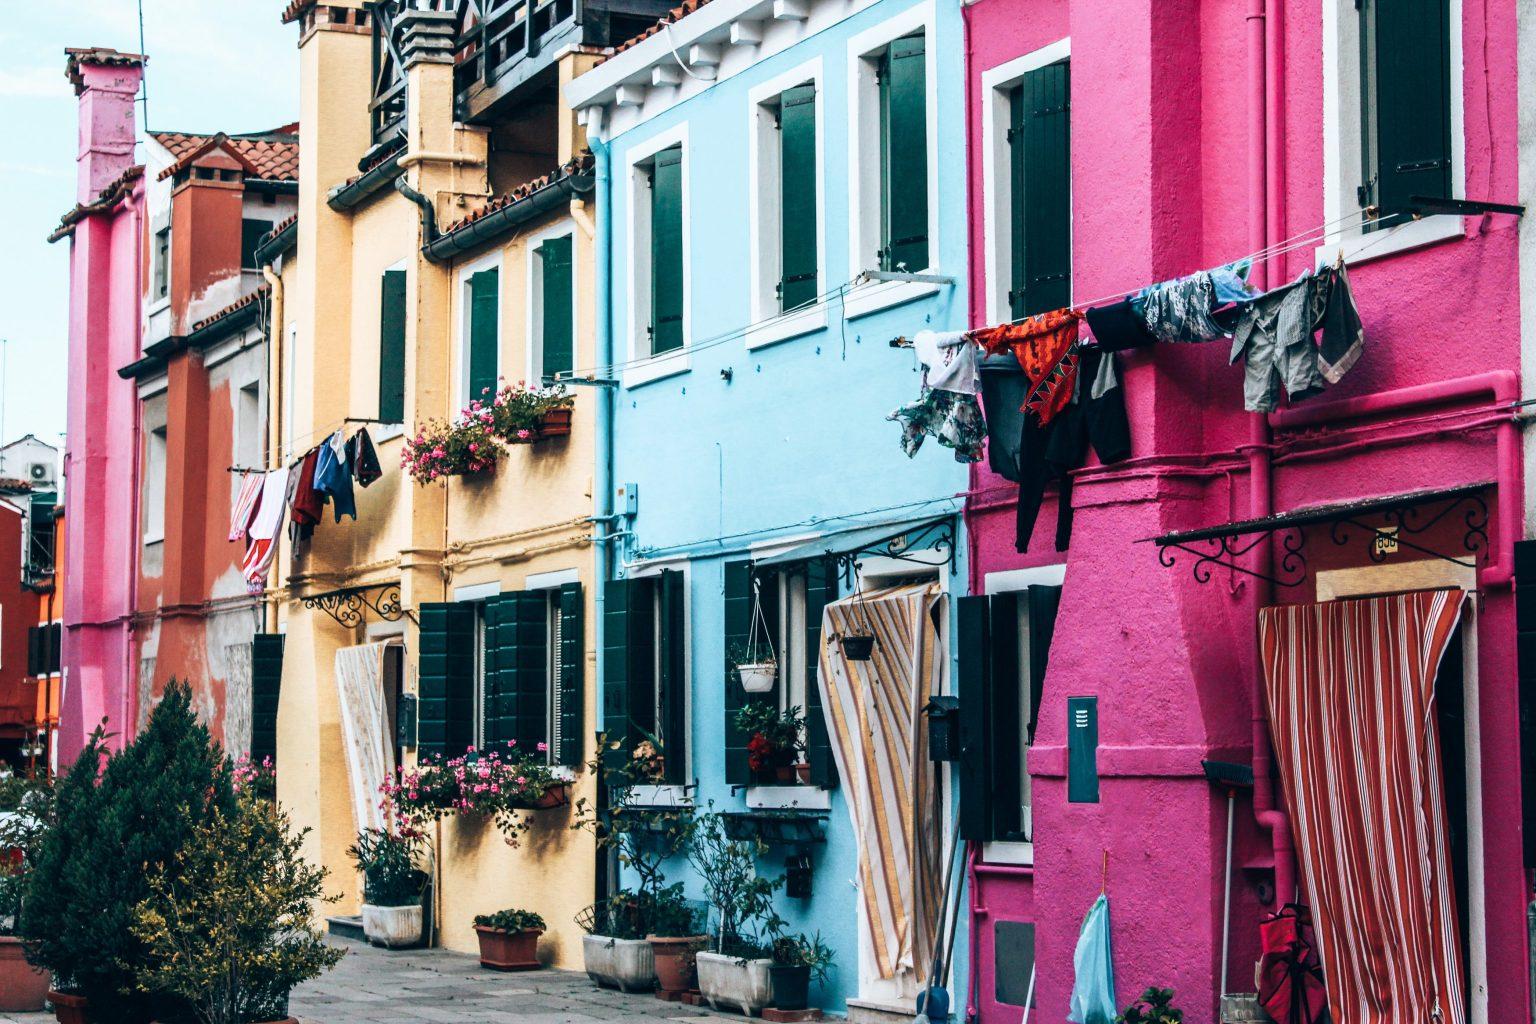 Alsof je door een schilderij loopt | Burano, Venetië